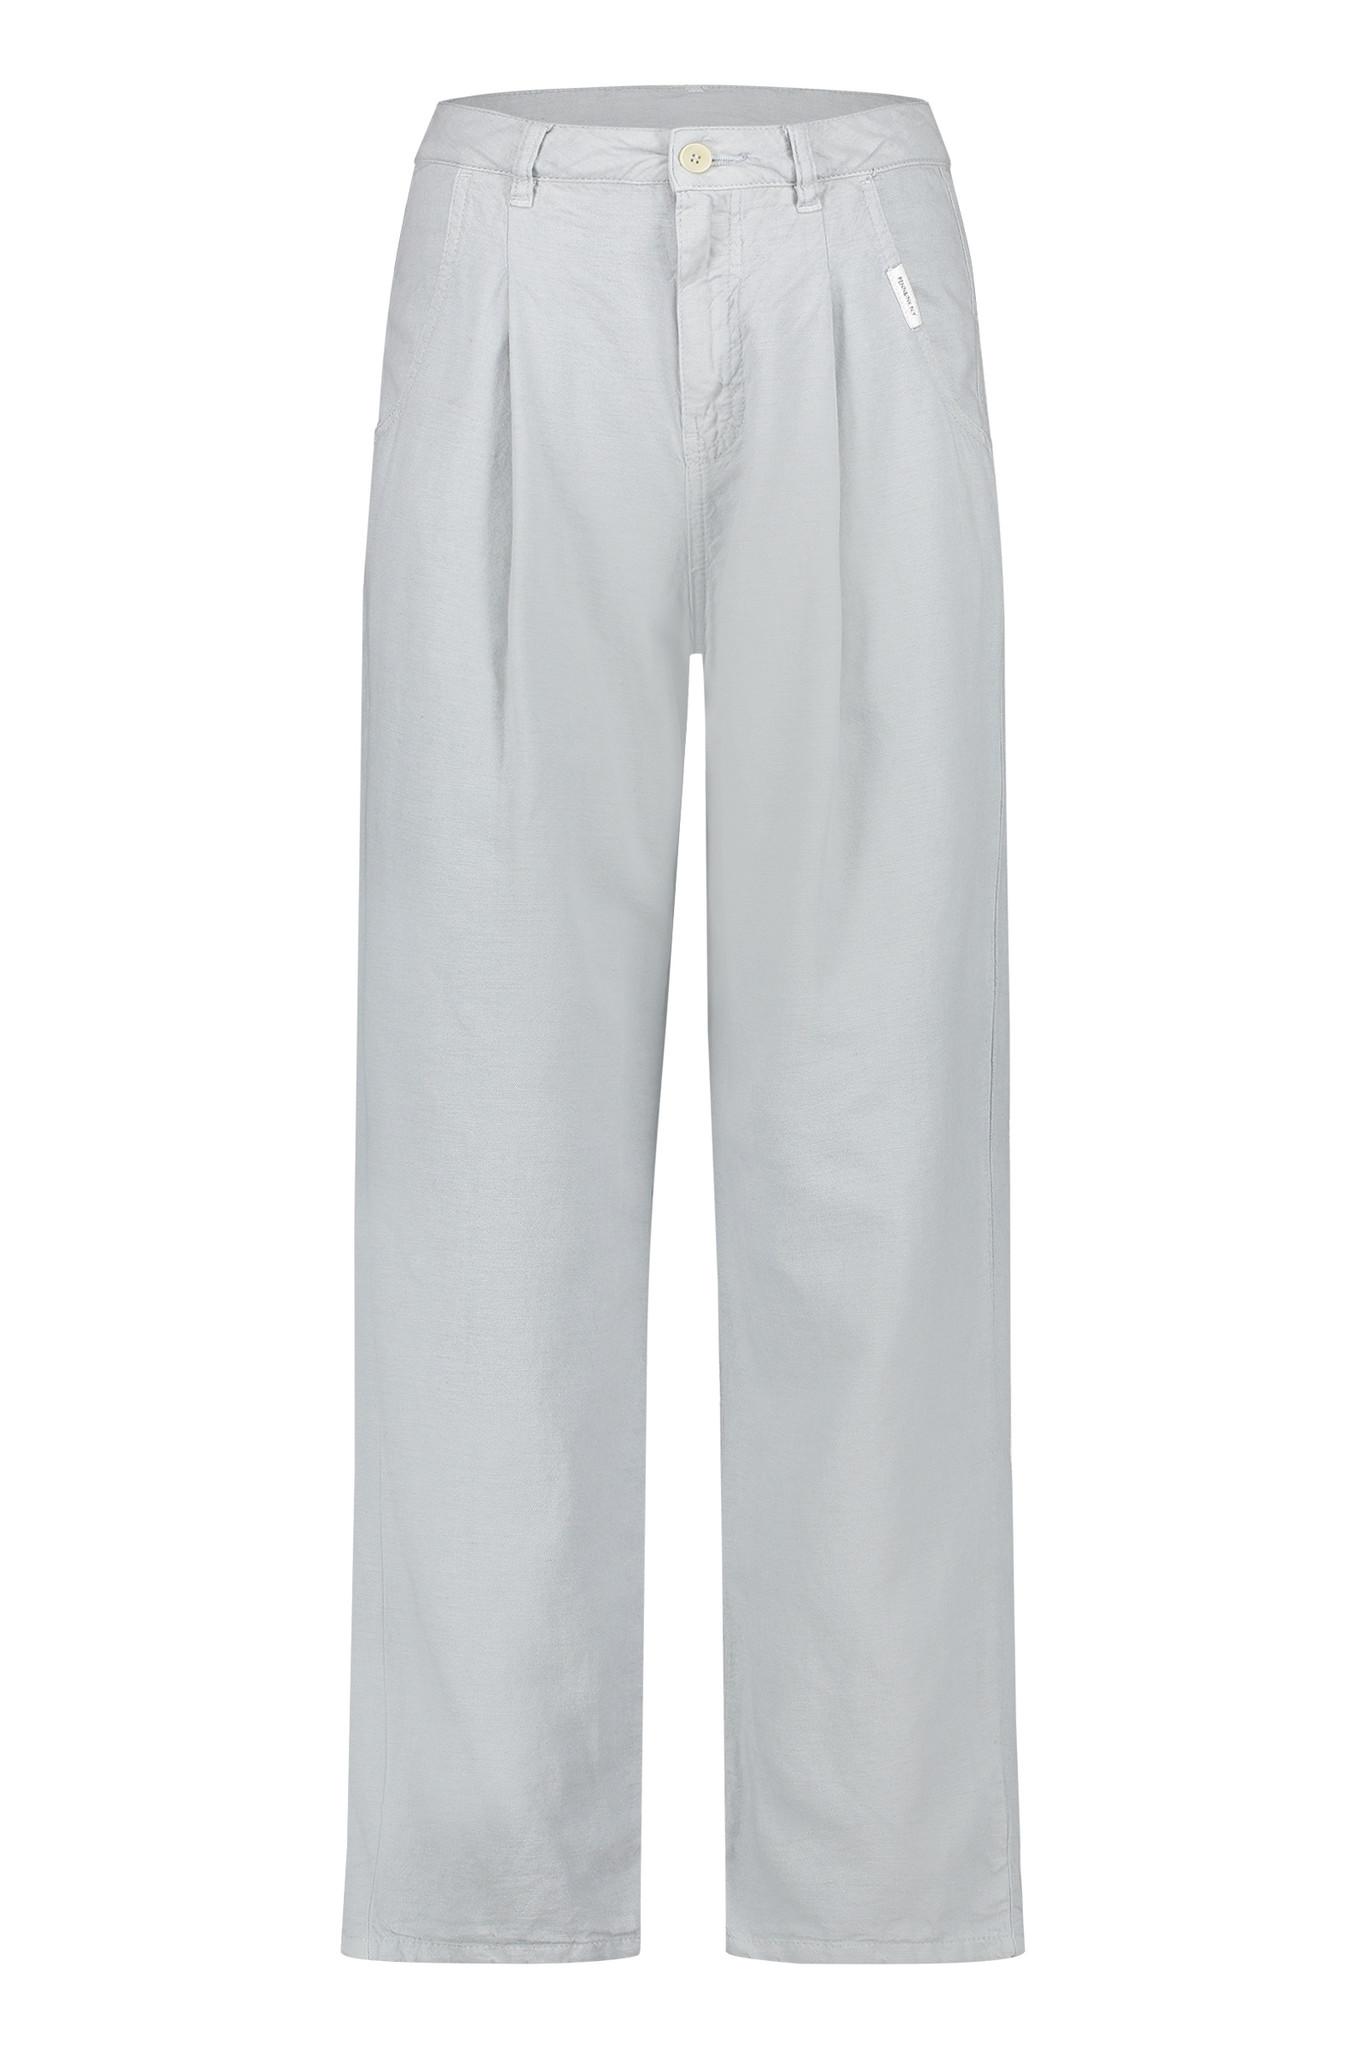 Penn & Ink Trouser S21W323-1